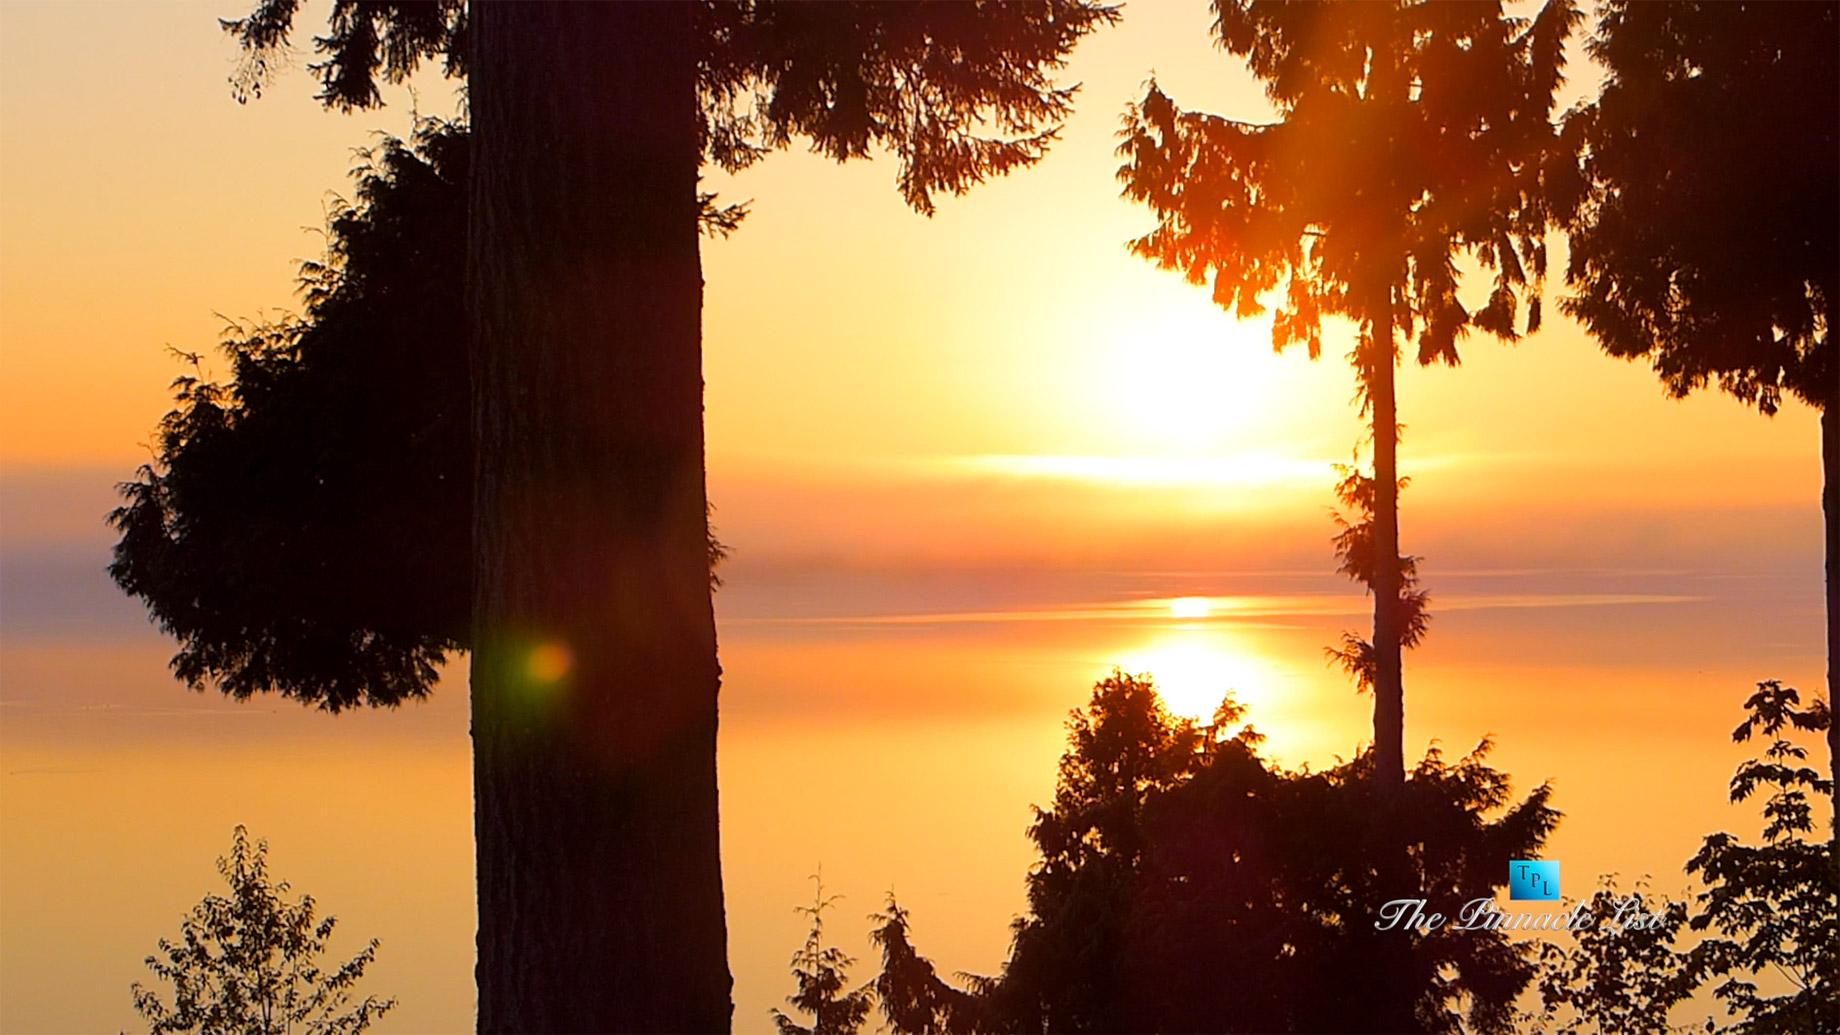 Drayton Harbor Sunrise Timelapse in Blaine, Washington, USA - Luxury Travel